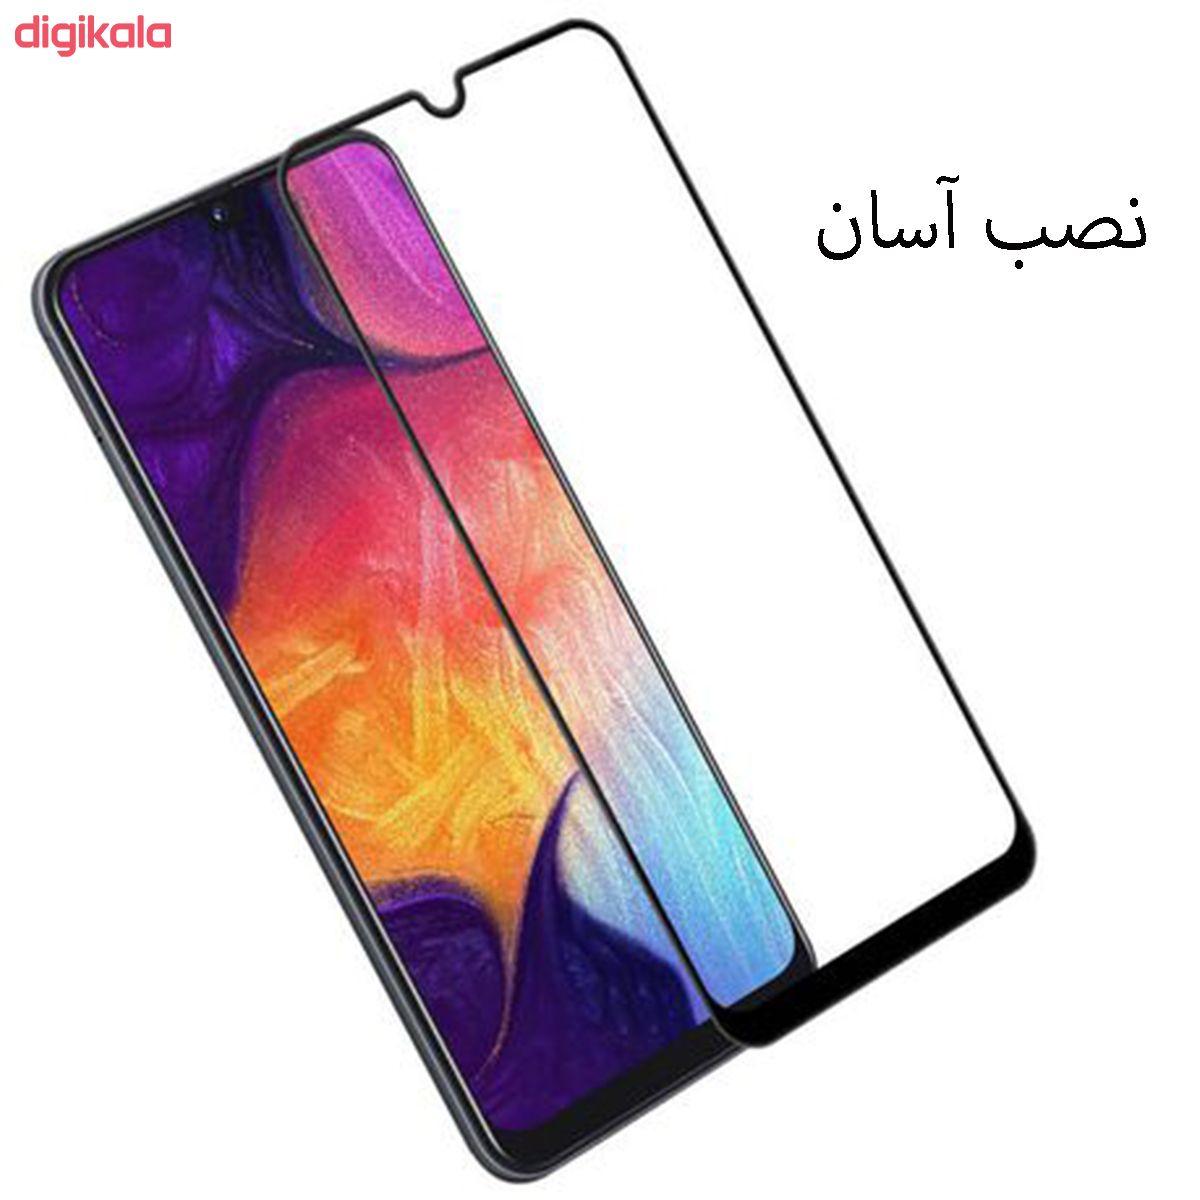 محافظ صفحه نمایش مدل PHSI مناسب برای گوشی موبایل سامسونگ Galaxy A50 main 1 4